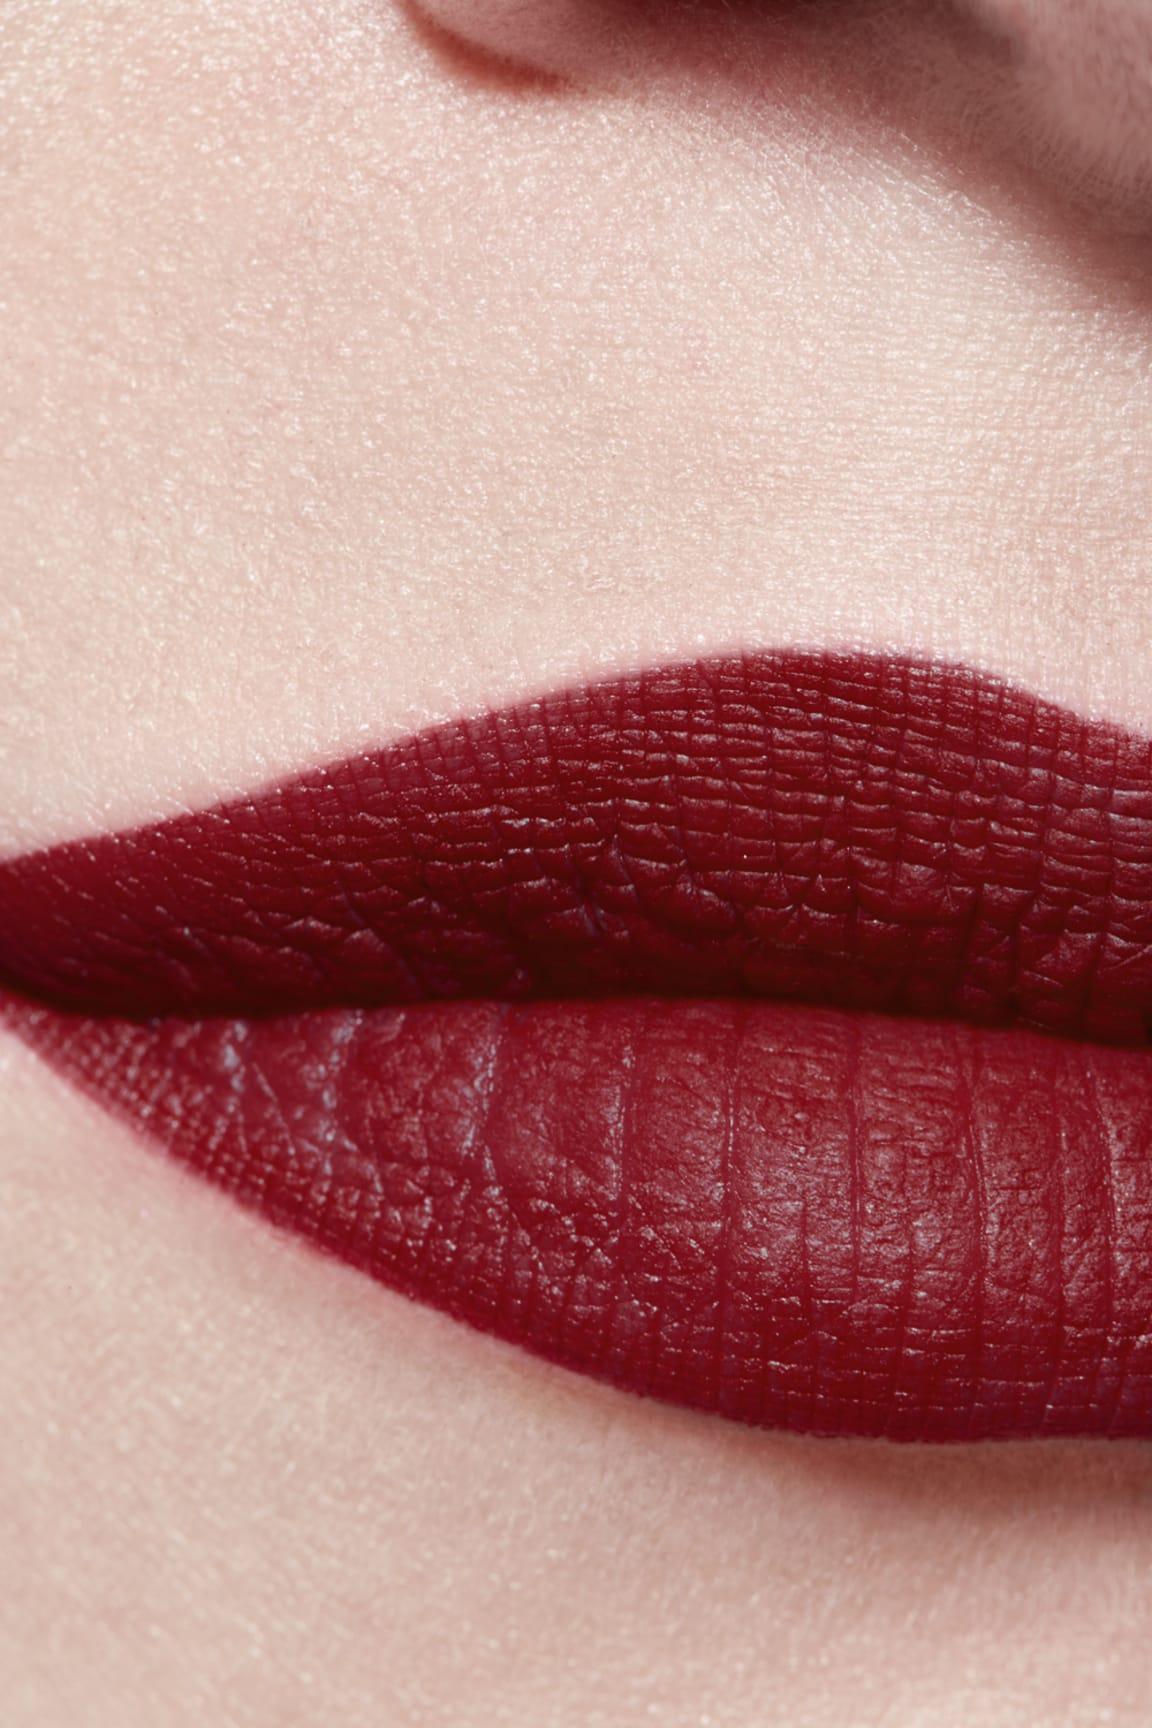 Application makeup visual 3 - ROUGE ALLURE VELVET LE LION DE CHANEL 267 - ROUGE AUDACIEUX